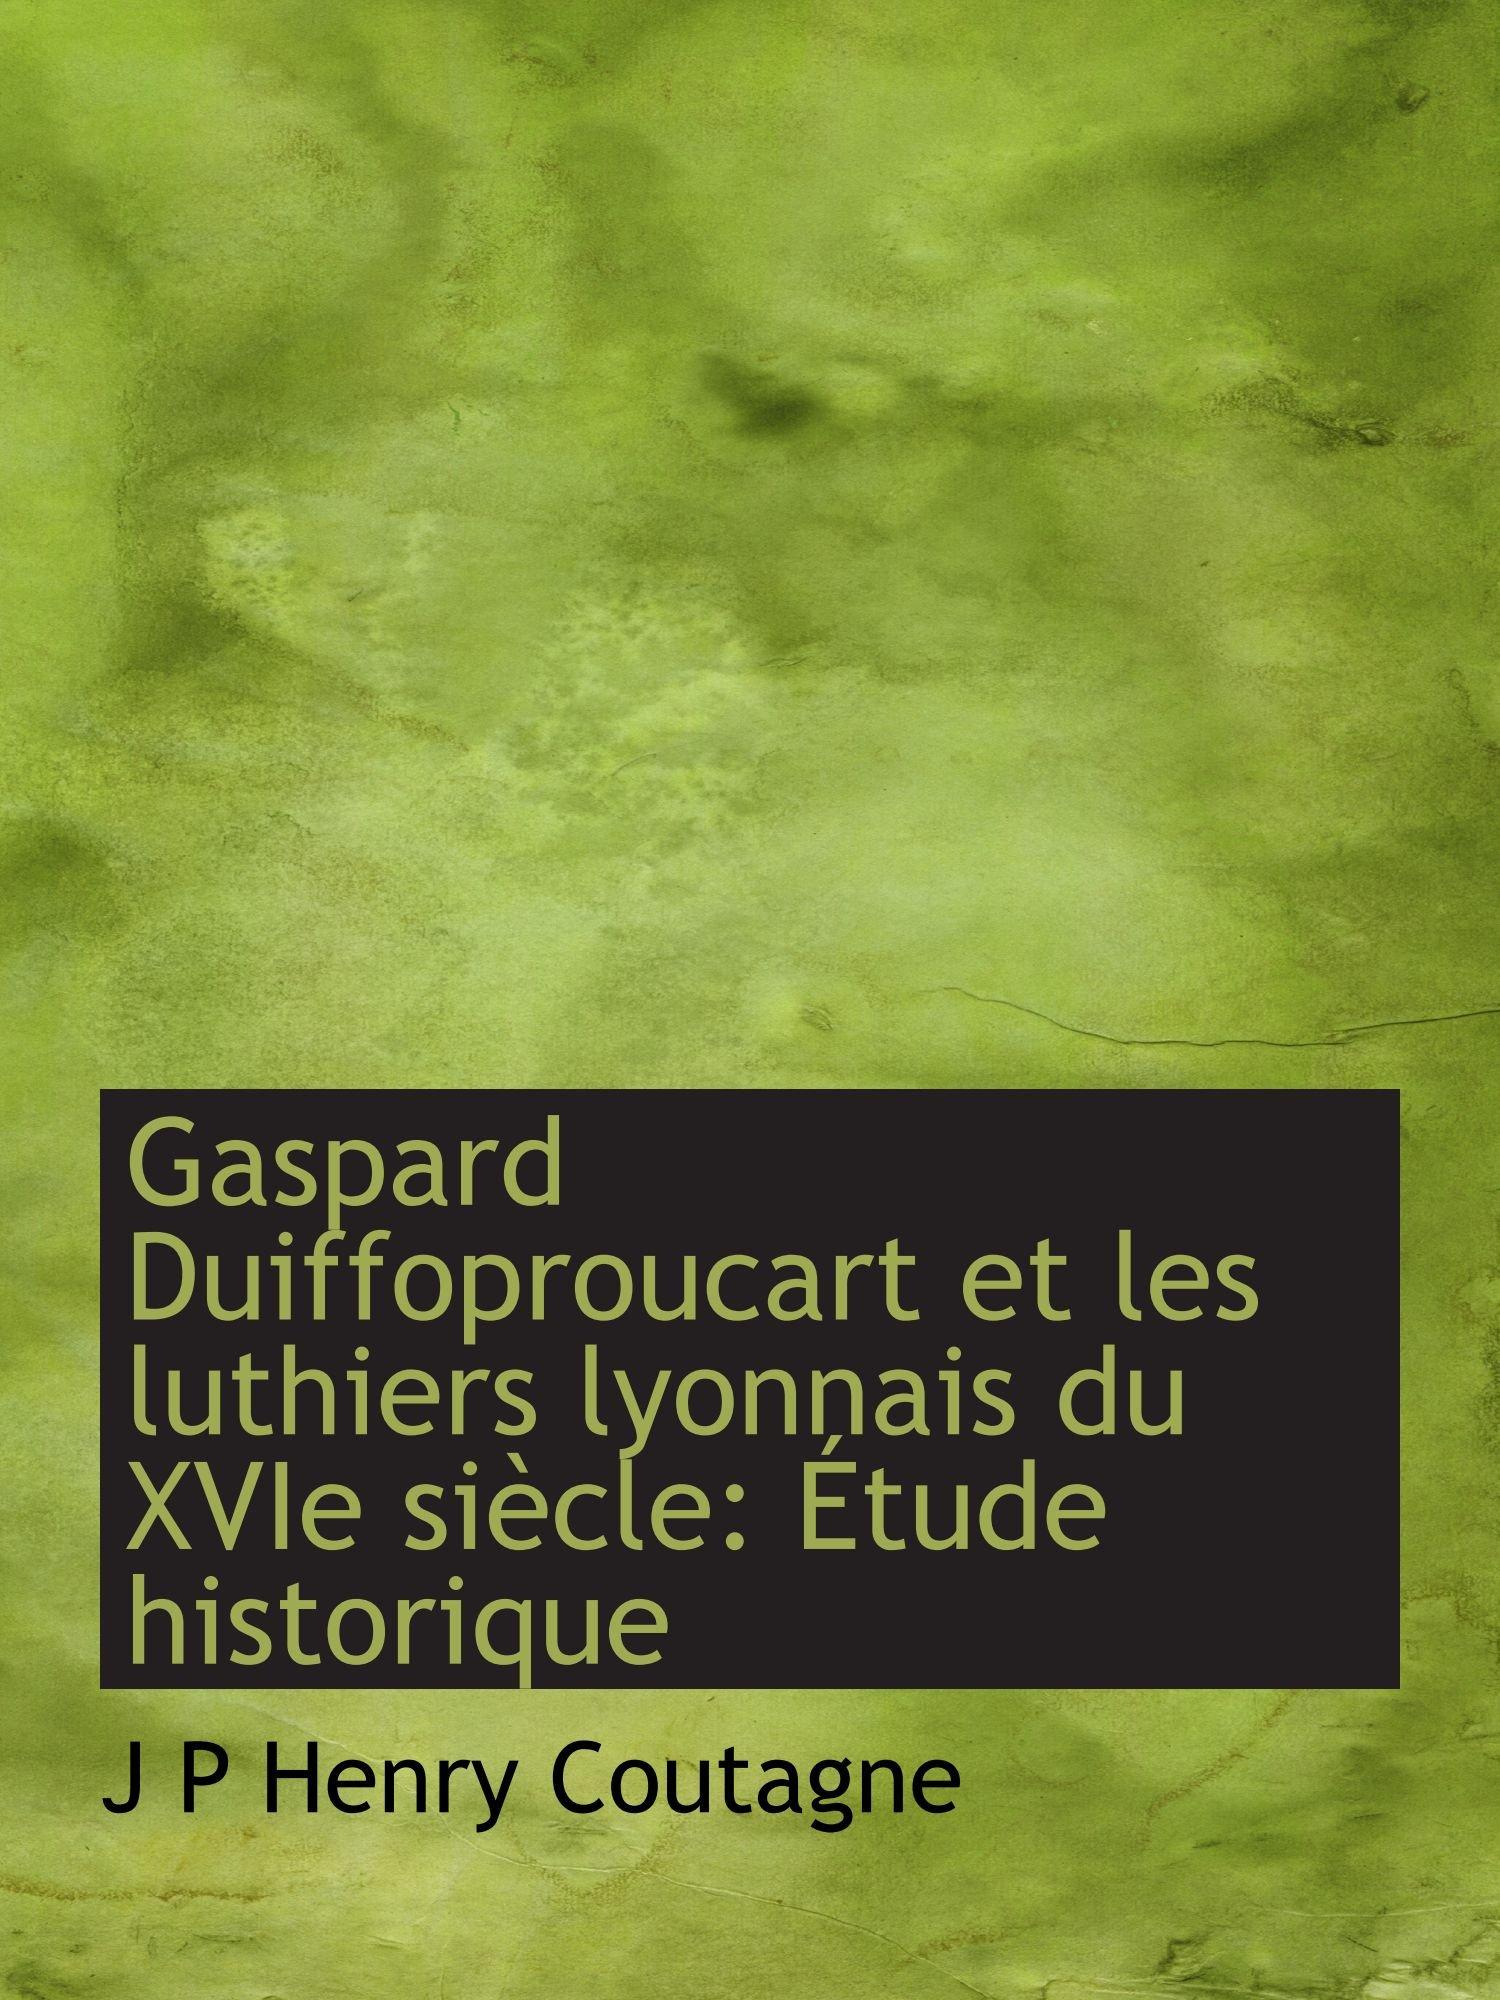 Read Online Gaspard Duiffoproucart et les luthiers lyonnais du XVIe siècle: Étude historique ebook